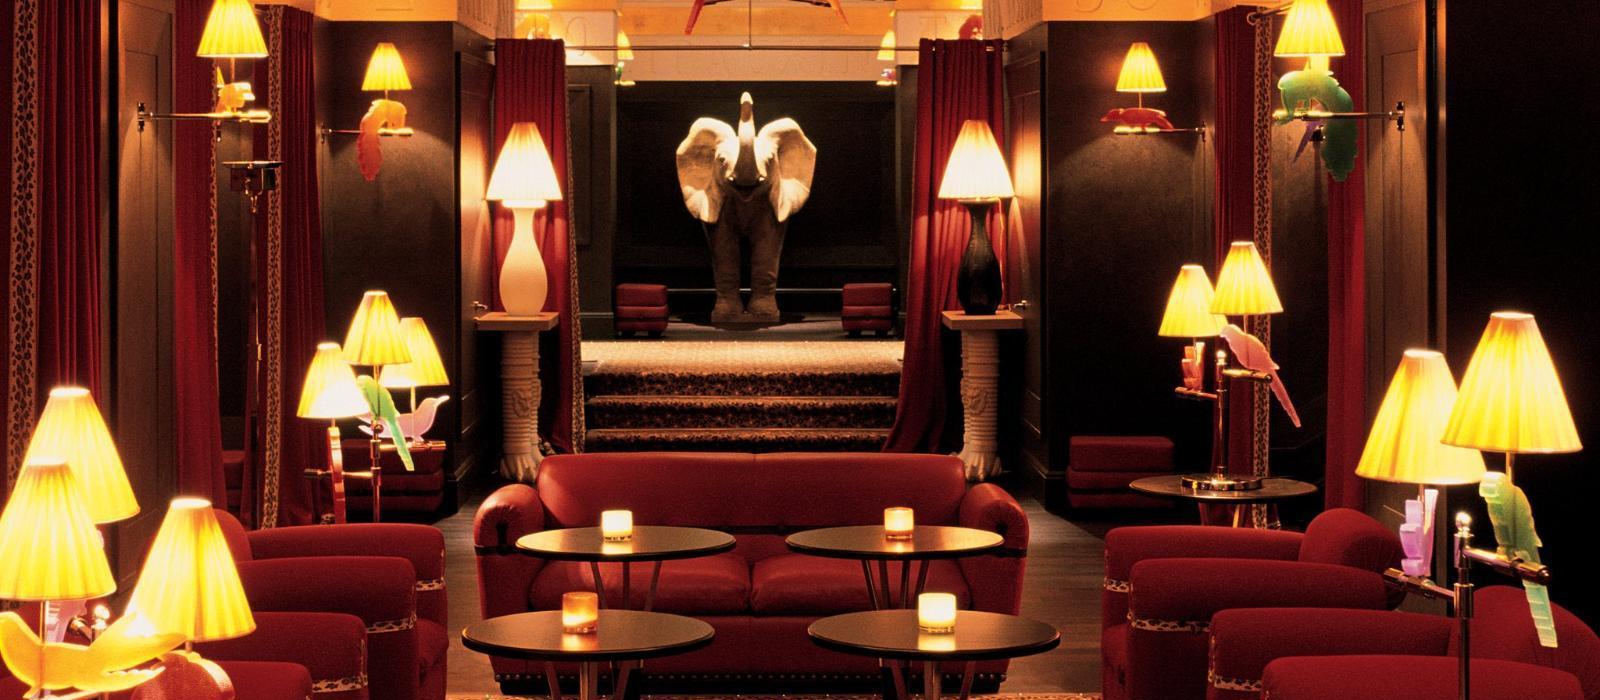 日内瓦瑞瑟夫水疗酒店(La Reserve Geneve Hotel, Spa & Villa) 大堂图片  www.lhw.cn